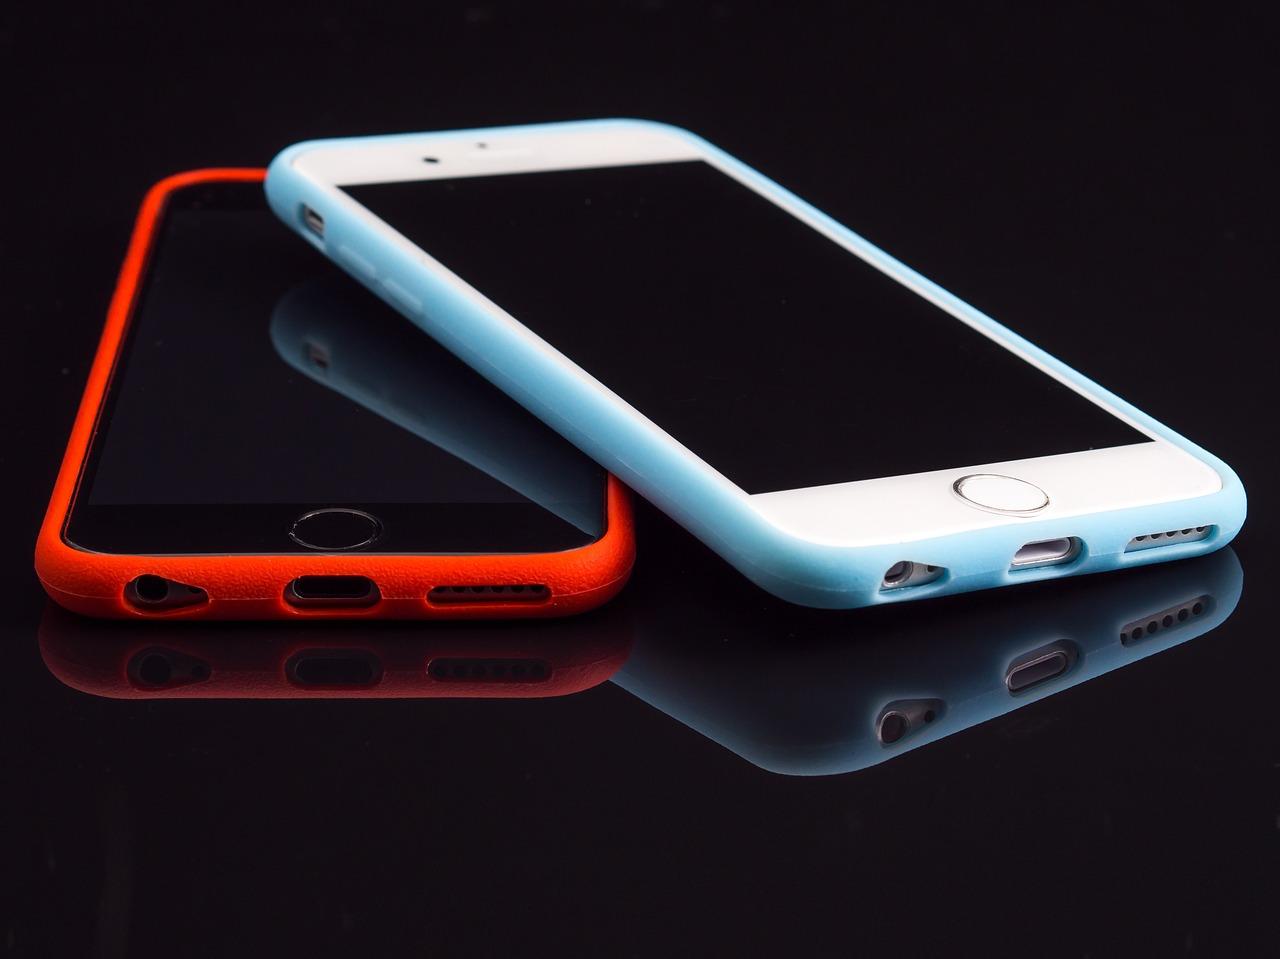 I migliori telefoni cinesi consigli per gli acquisti for I migliori telefoni